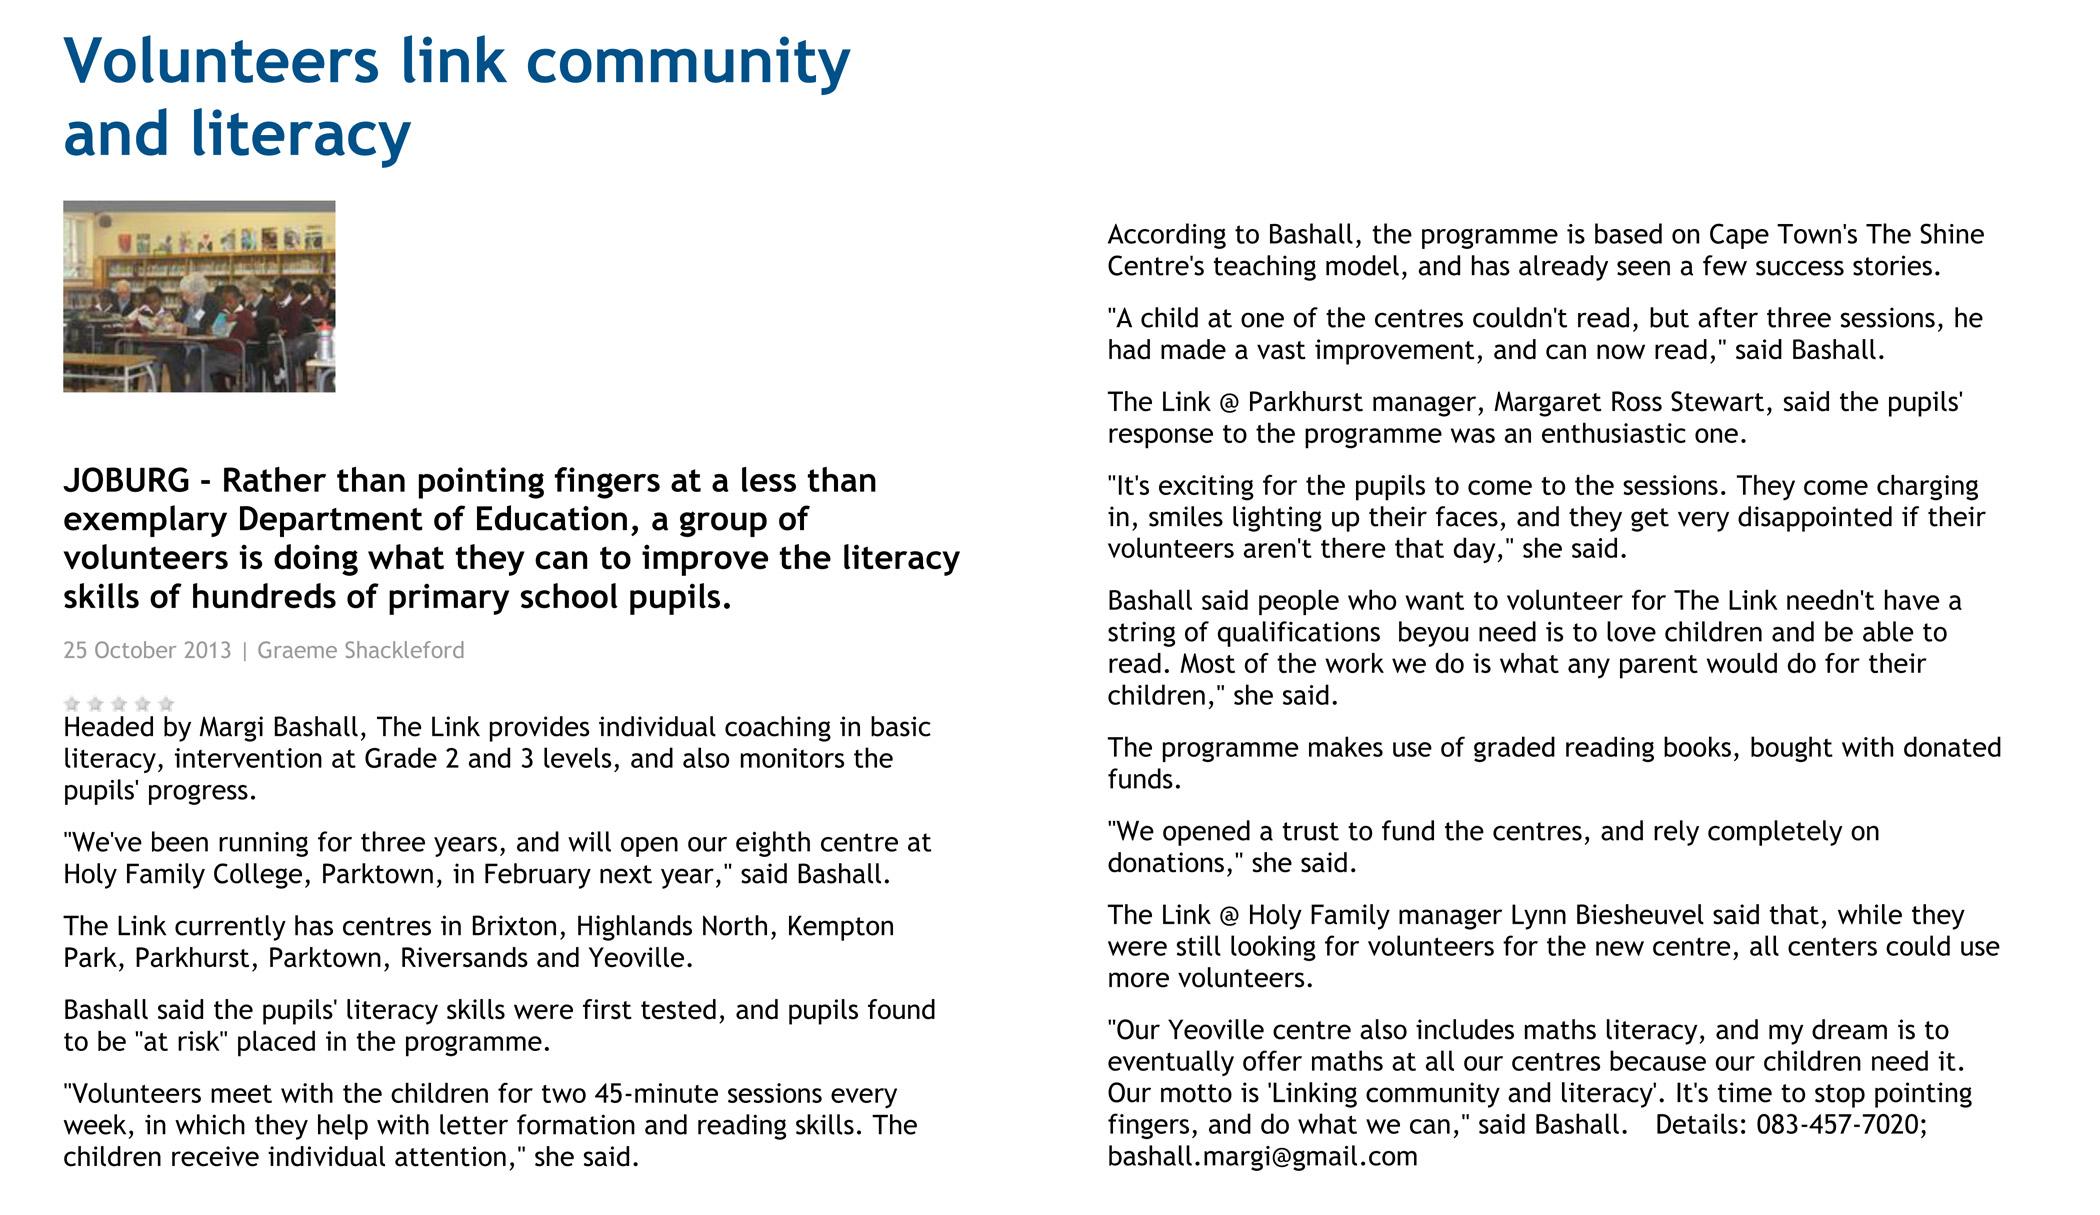 Volunteers-link-community-and-literacy